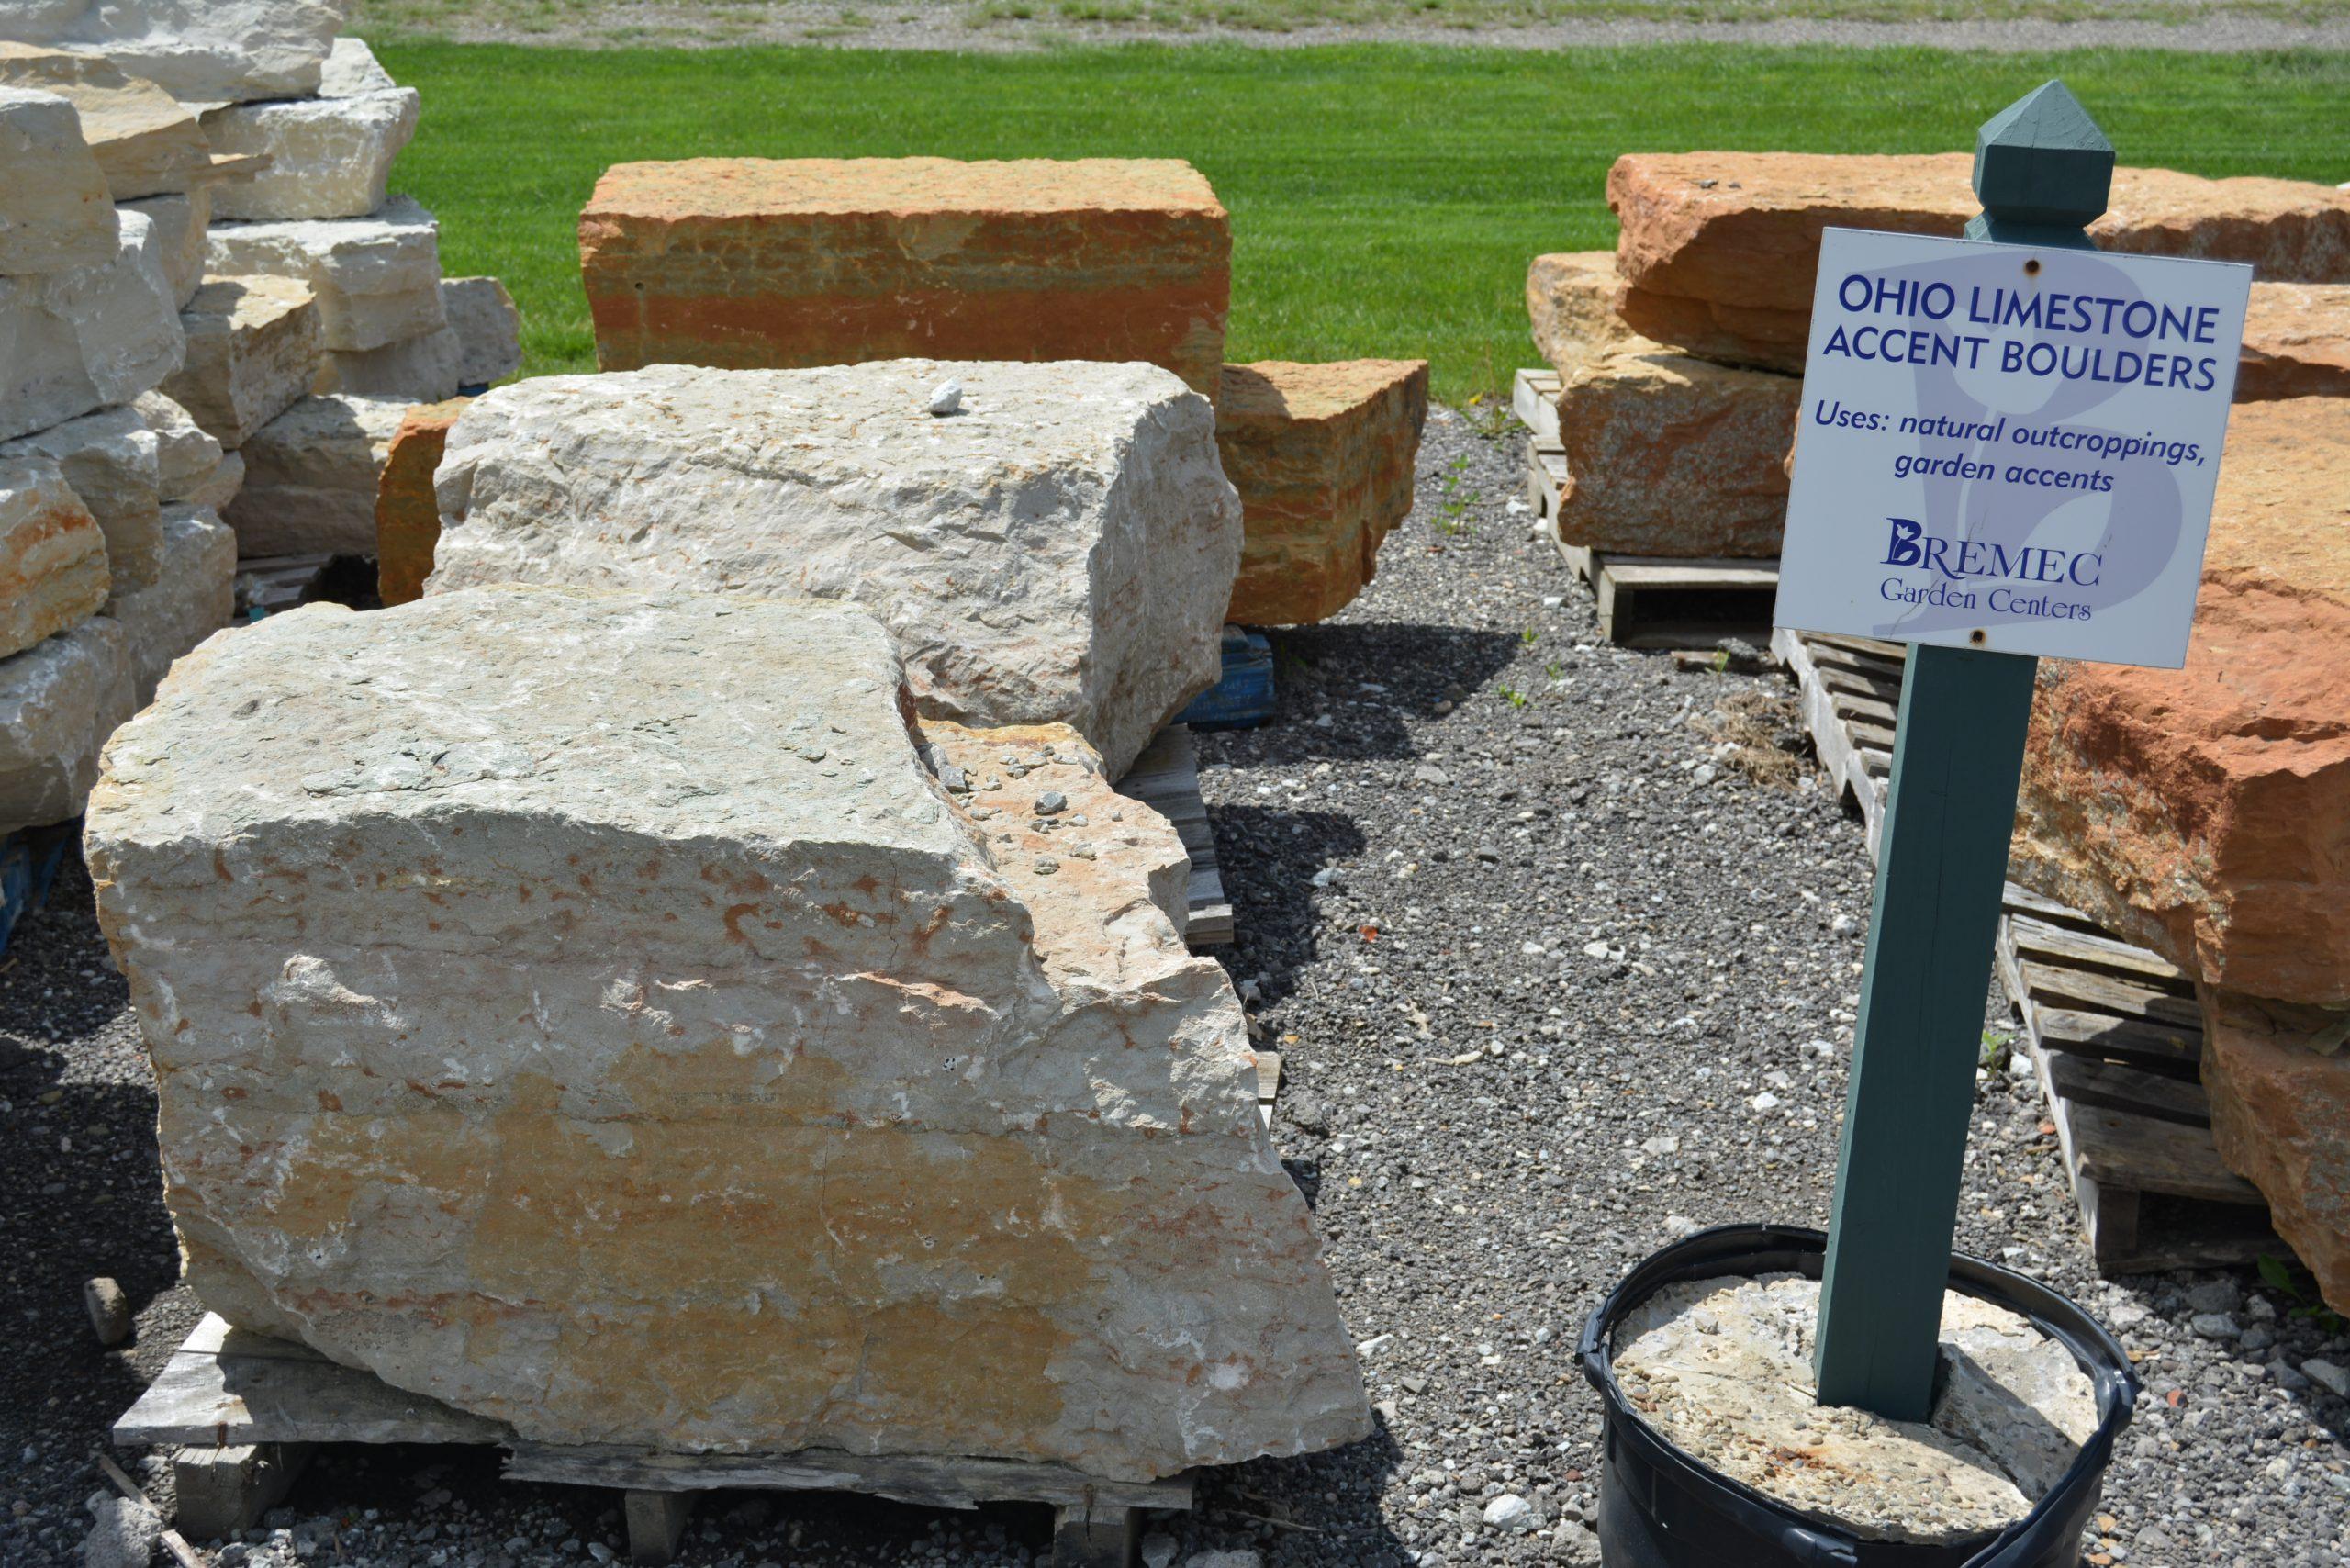 Ohio Limestone Accent Boulders